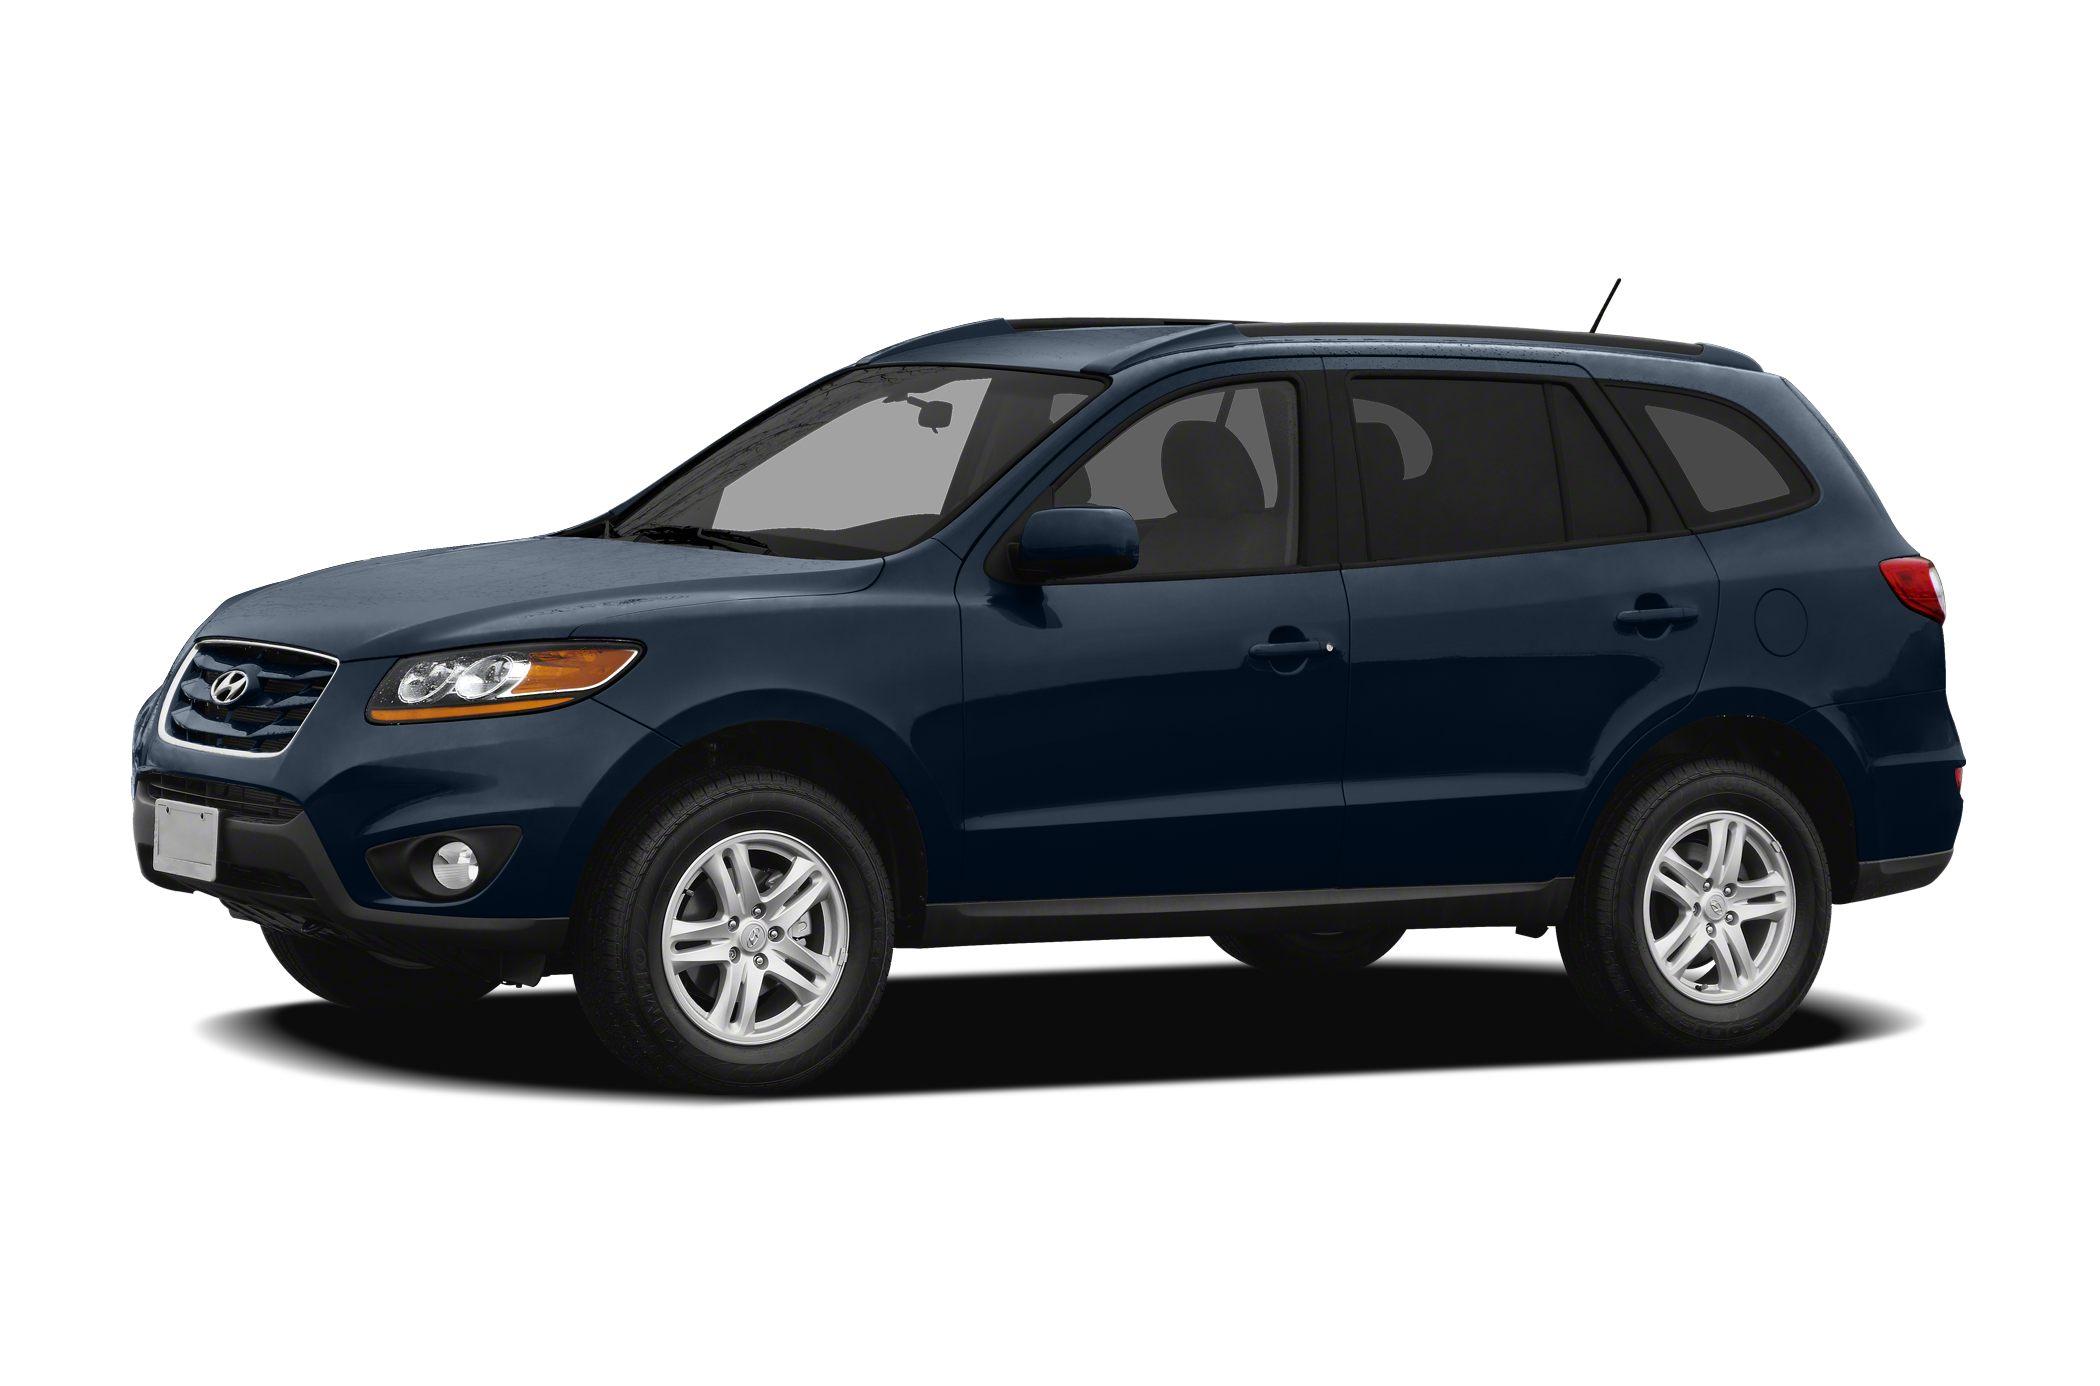 platinum new hyundai sorento b car kia review